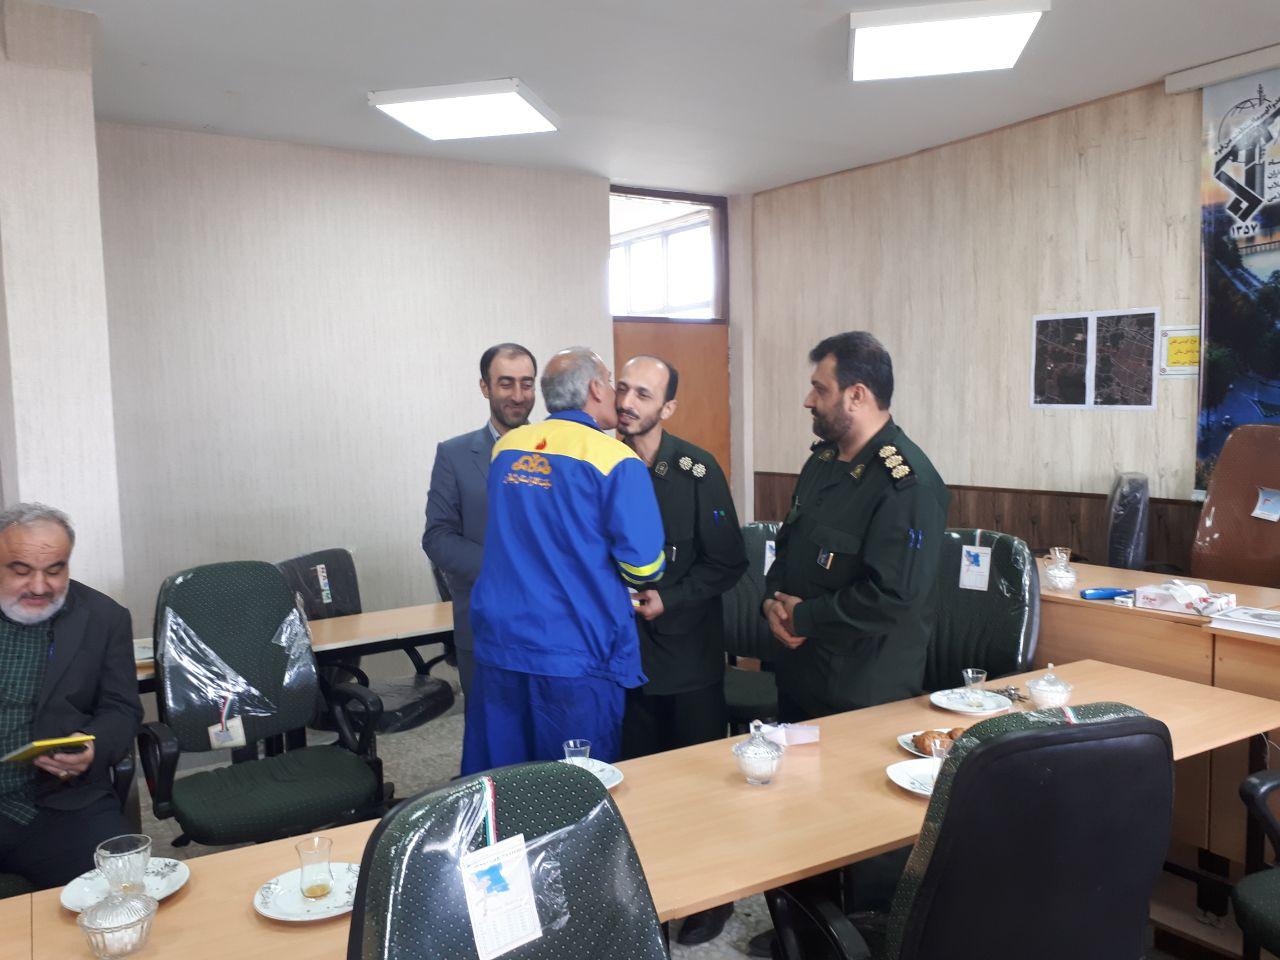 تقدیر از پنج جانباز شاغل در اداره گاز شهرستان توسط سپاه پاسداران  لاهیجان به مناسبت روز جانباز